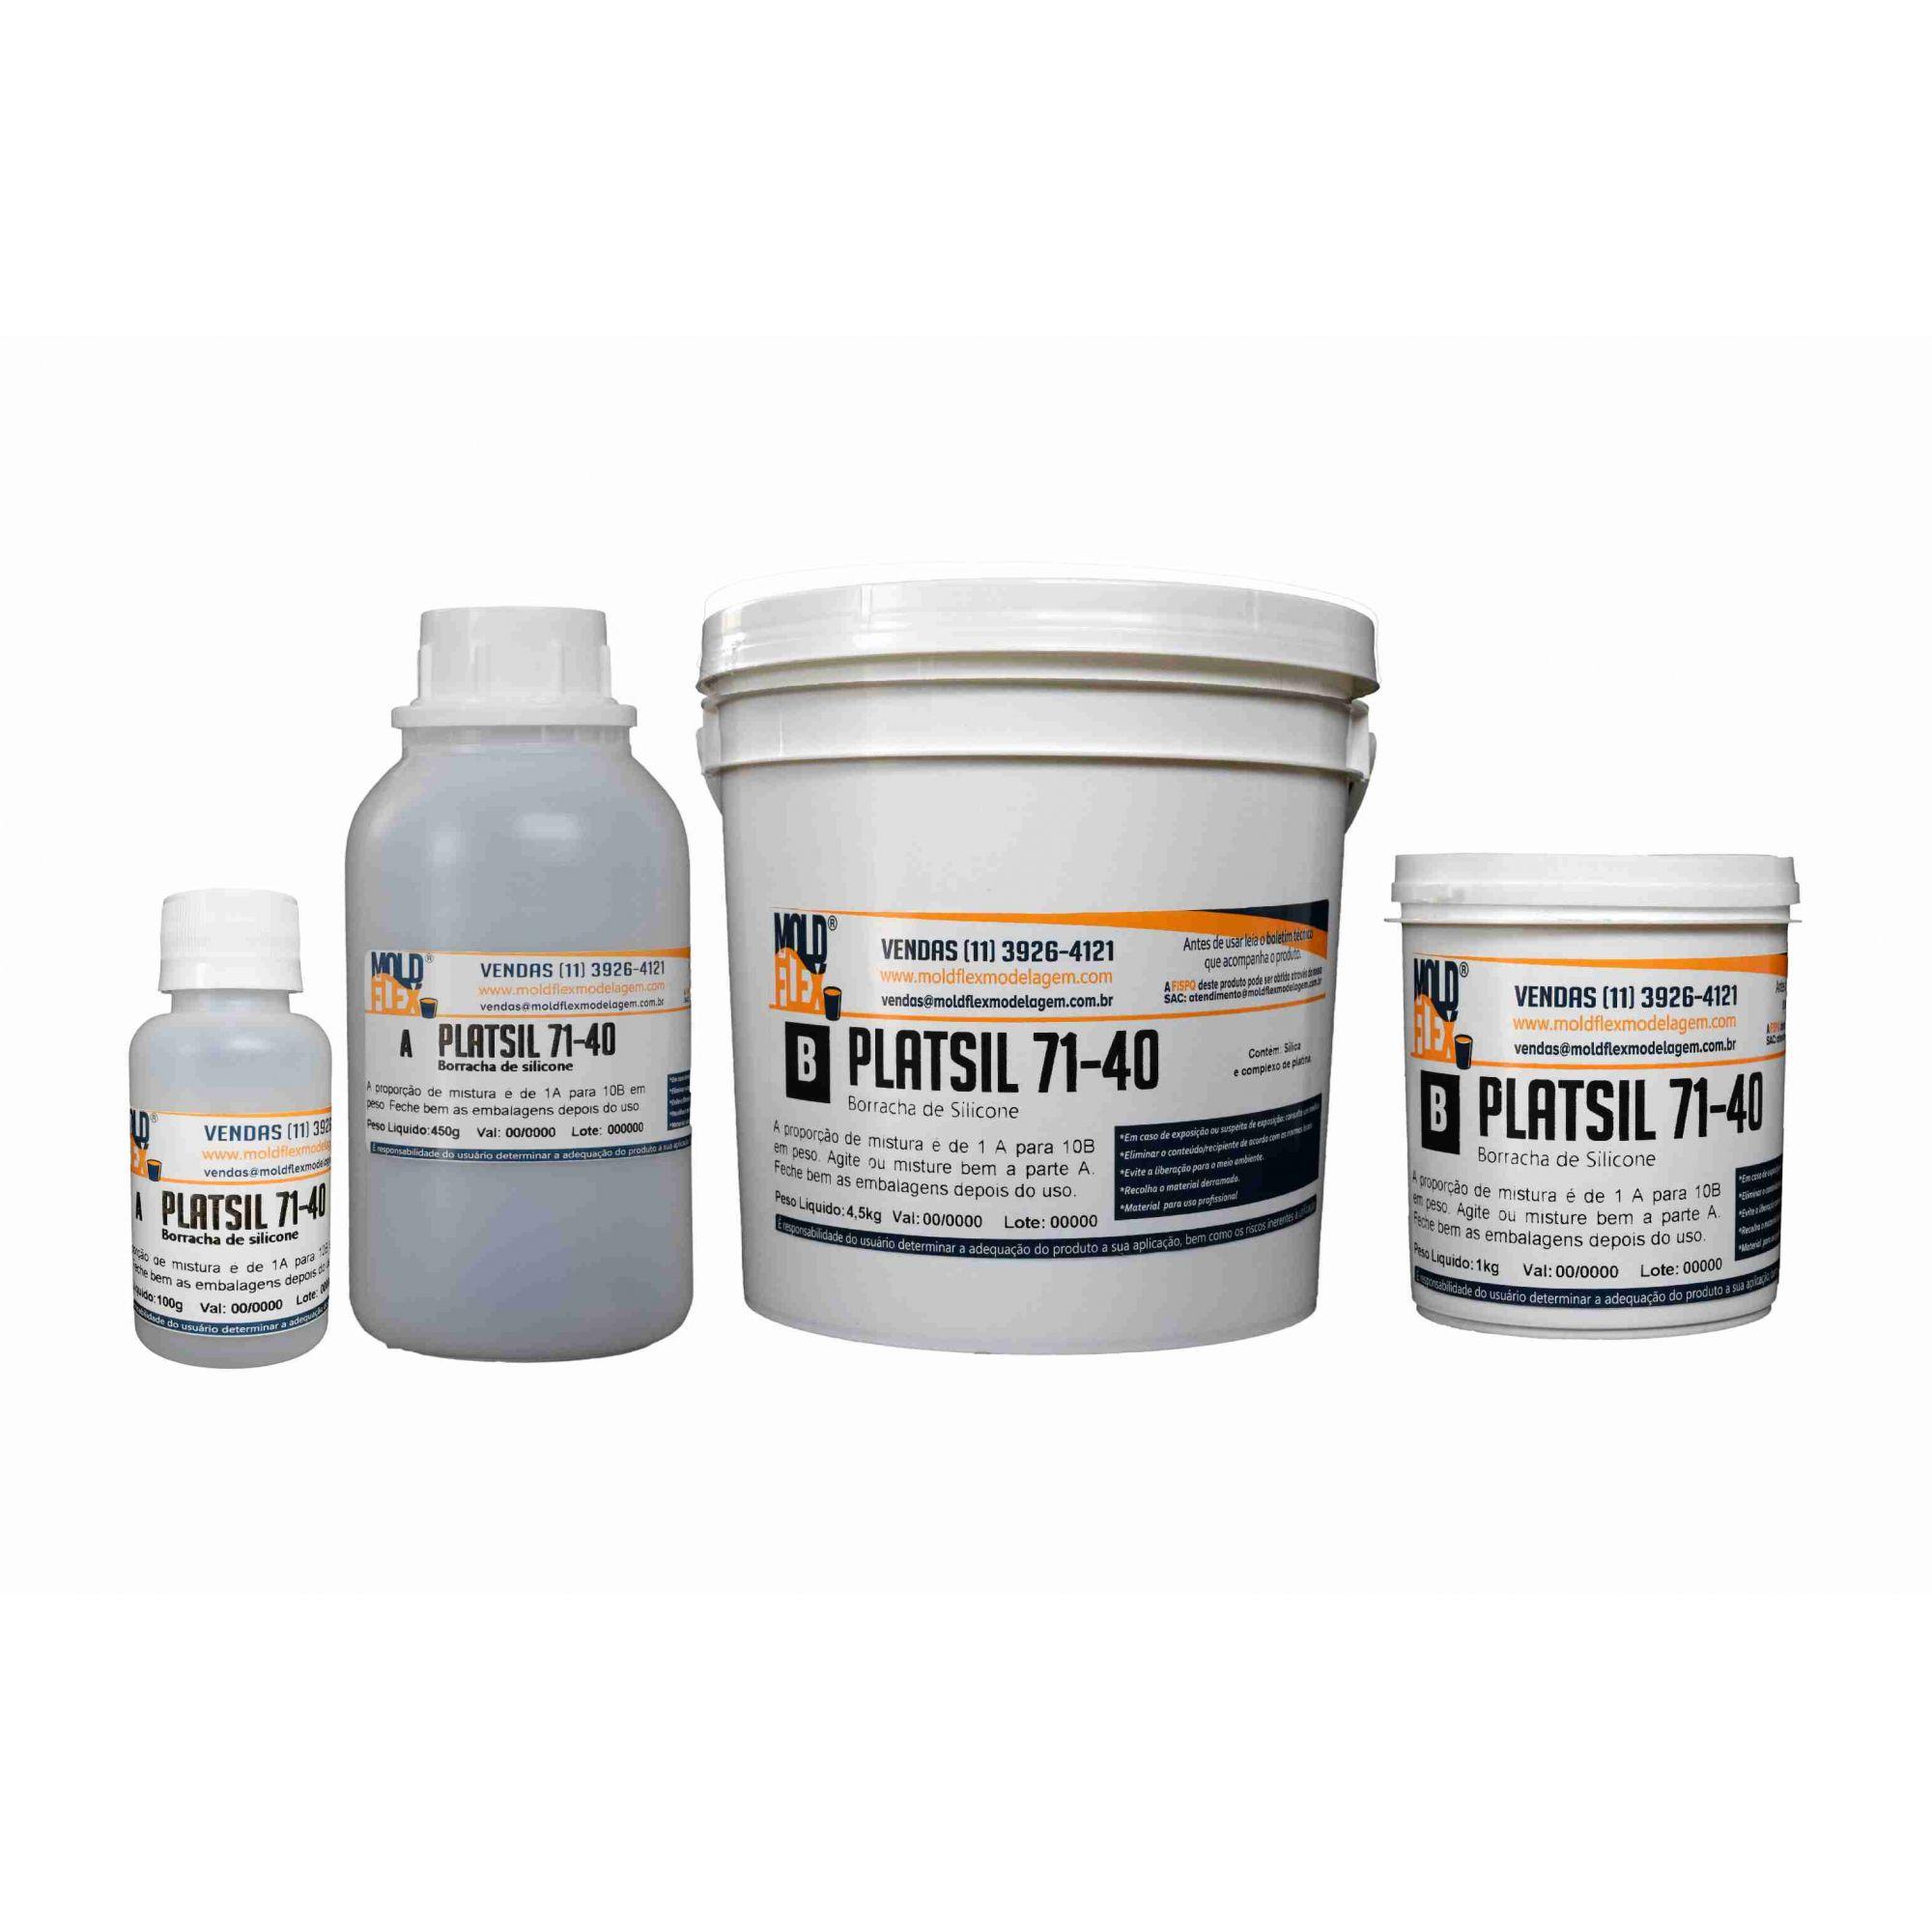 PlatSil 71-40 - Borracha de Silicone Cristal